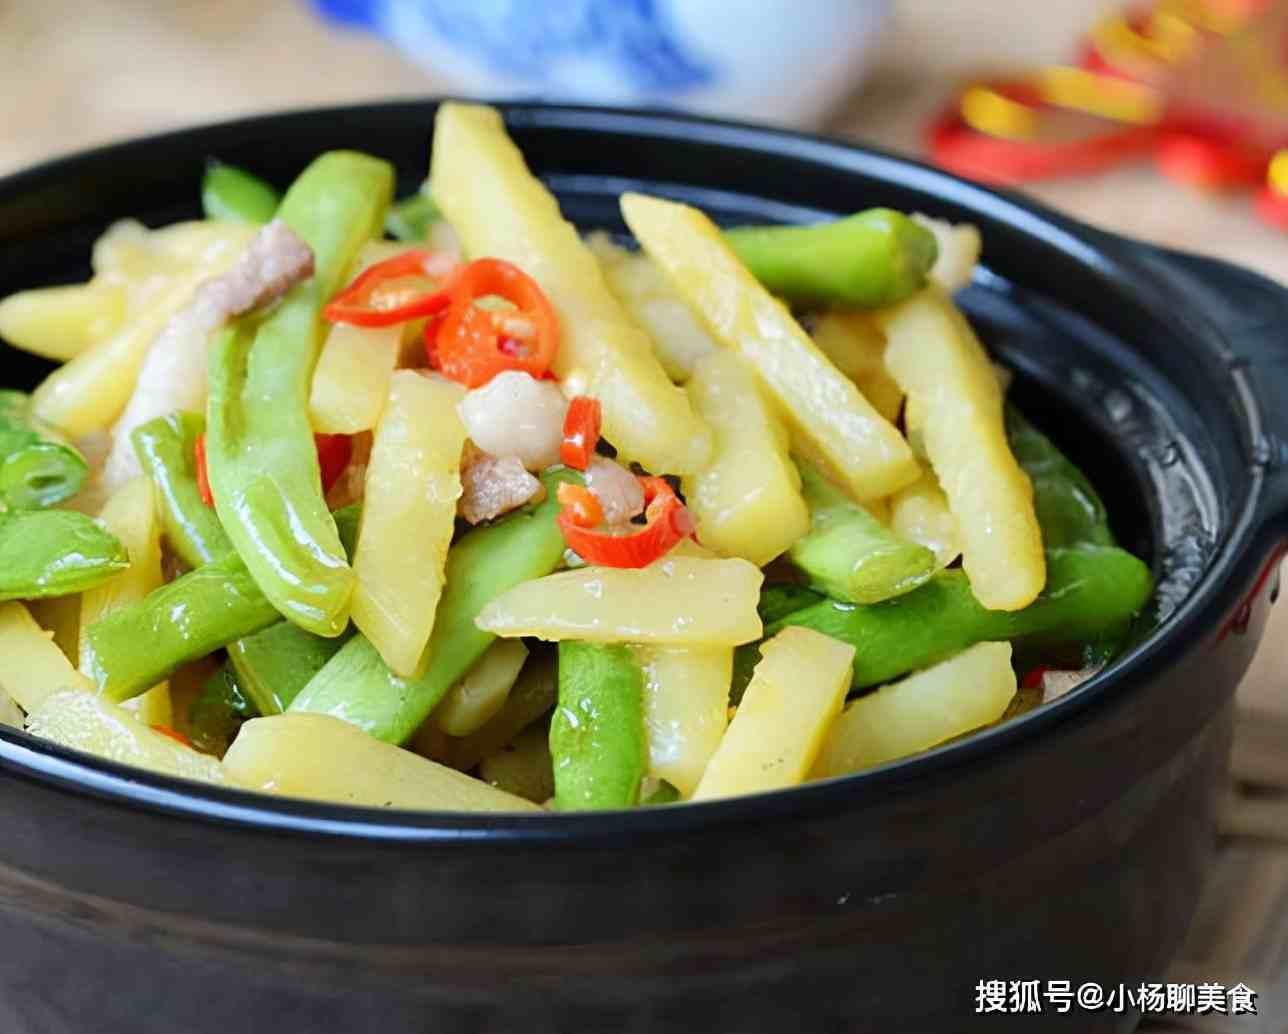 【土豆四季豆炒肉的养生食谱】